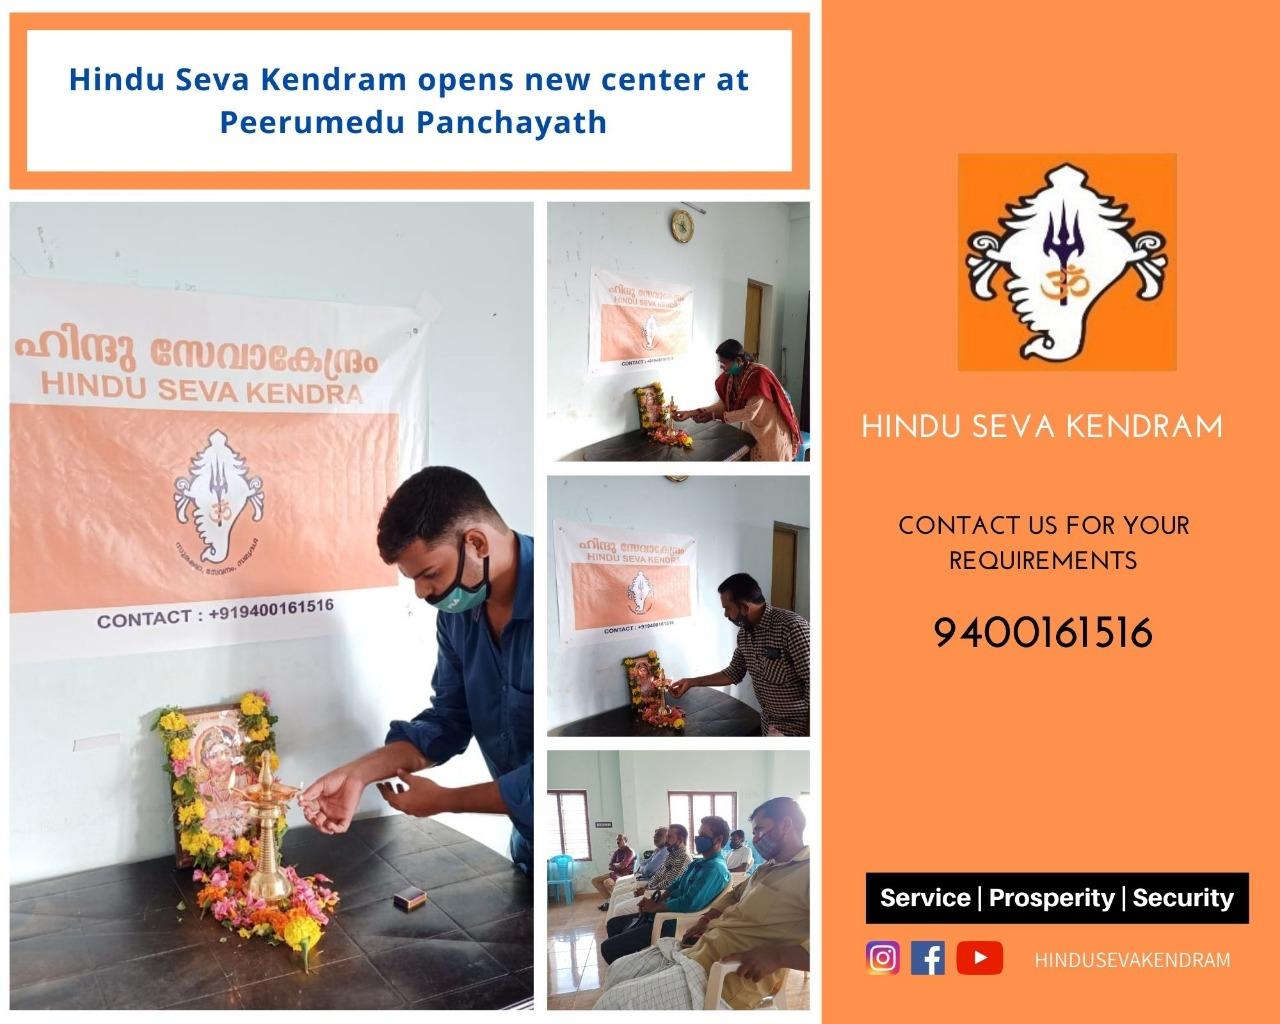 Hindu Seva Kendram opens new center at Peerumedu Panchayath